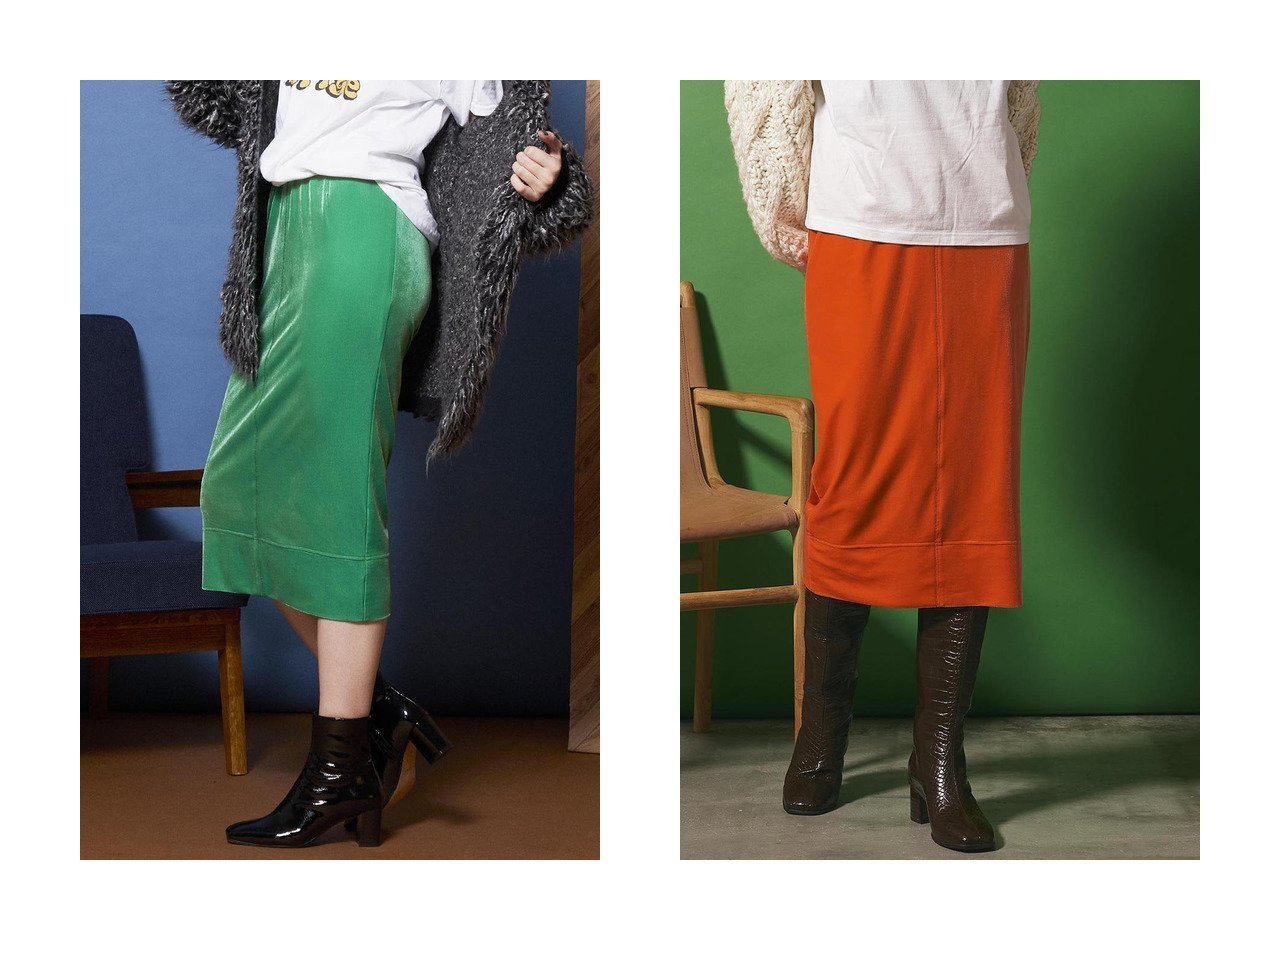 【MAISON SPECIAL/メゾンスペシャル】のストレッチベロアタイトスカート 【スカート】おすすめ!人気、トレンド・レディースファッションの通販   おすすめで人気の流行・トレンド、ファッションの通販商品 インテリア・家具・メンズファッション・キッズファッション・レディースファッション・服の通販 founy(ファニー) https://founy.com/ ファッション Fashion レディースファッション WOMEN スカート Skirt シンプル ジャージ スタイリッシュ ストレッチ タイトスカート ドレープ ベロア ラグジュアリー |ID:crp329100000066094